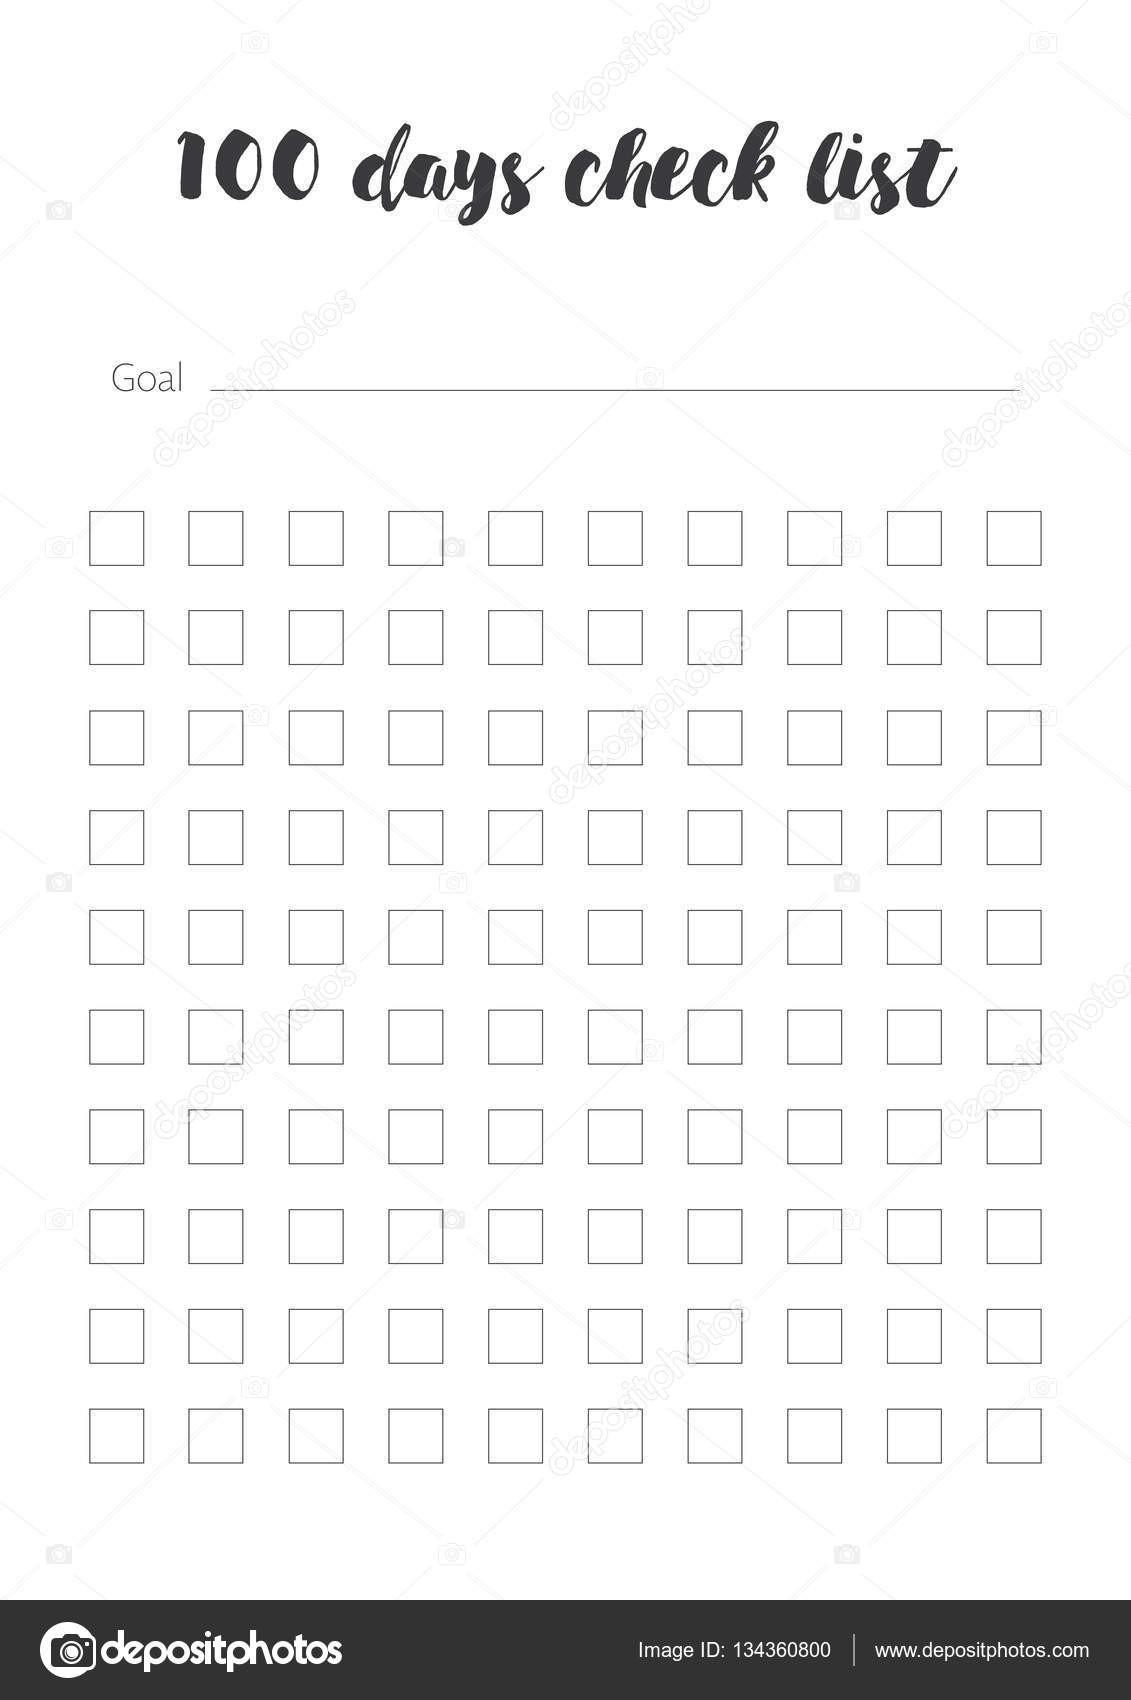 100 days calendar template  15+ checkliste vorlage | coffeeshacknc - 100 days calendar template